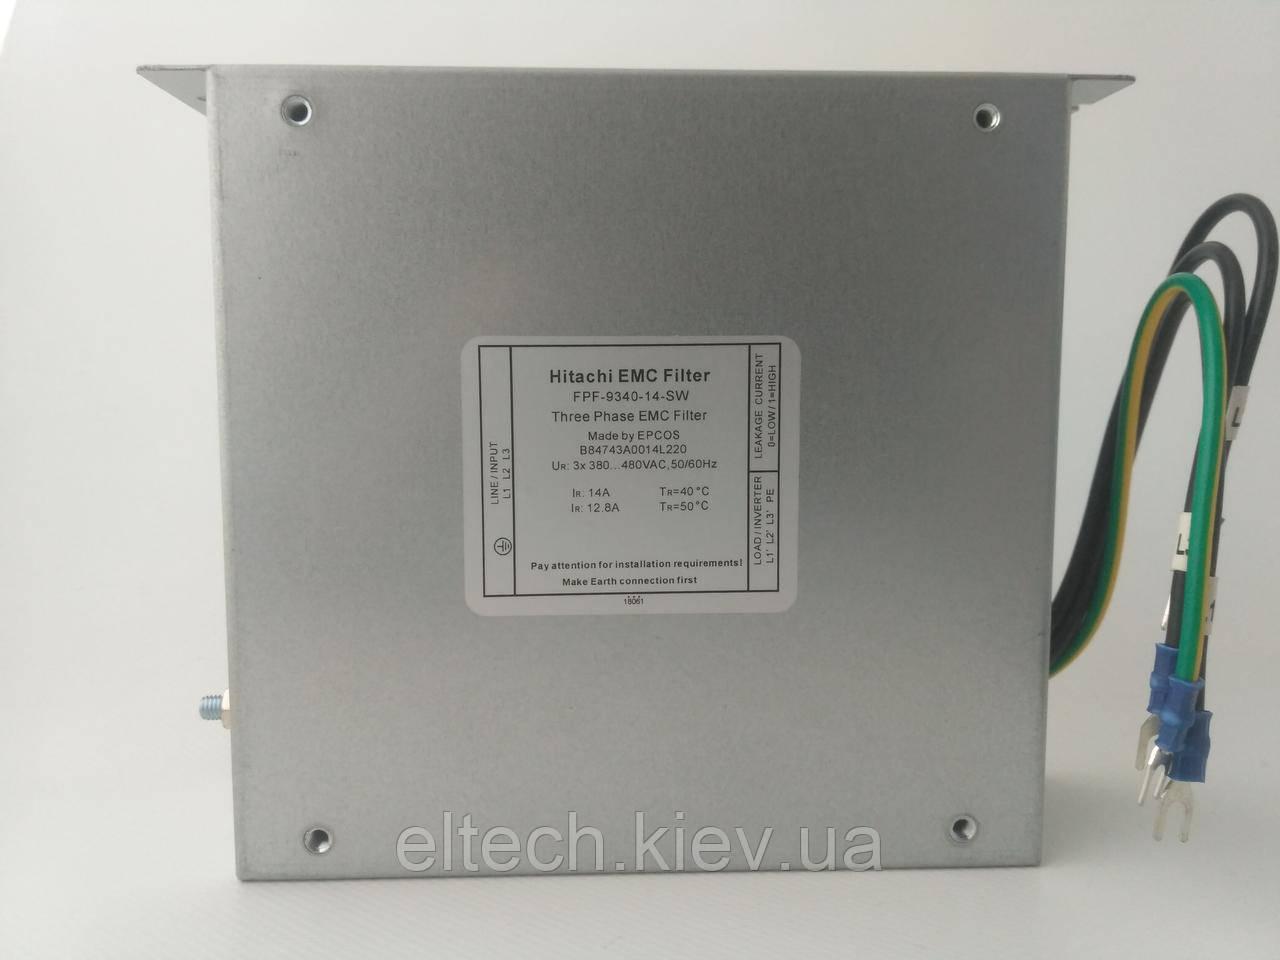 FPF-9340-14 для WL200-055HF. Фильтр сетевой